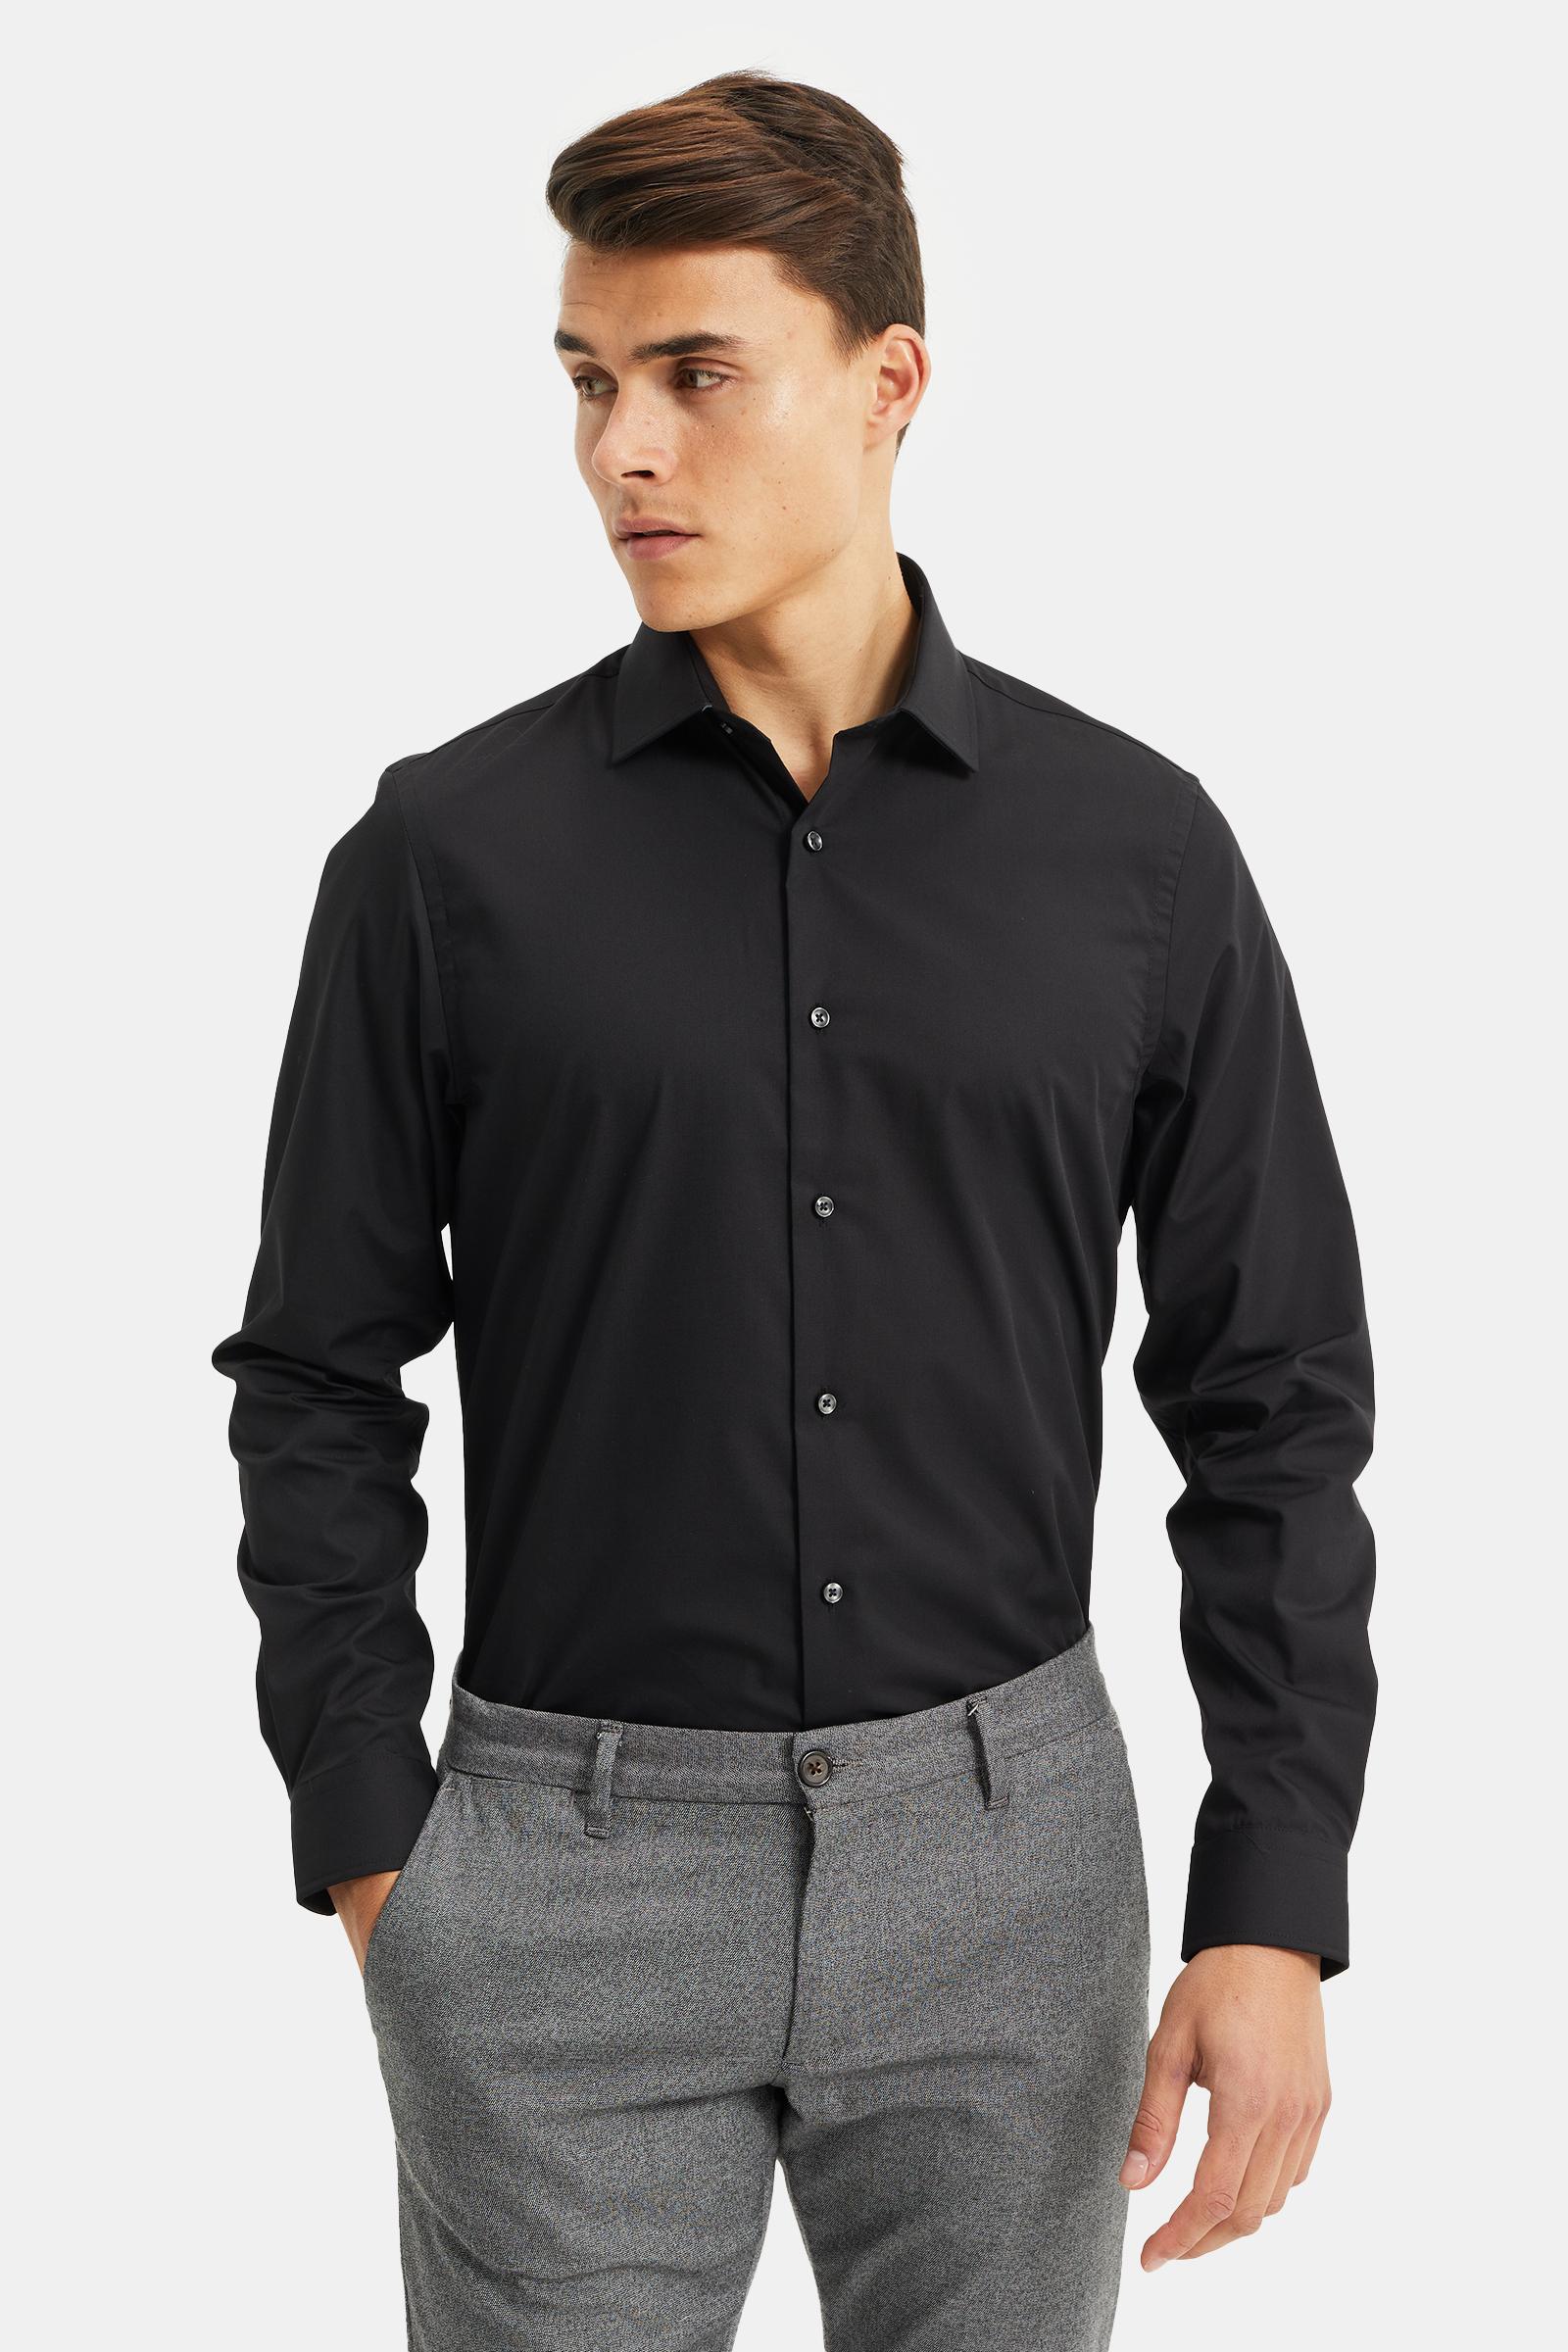 Overhemd Zwart Heren.Heren Regular Fit Easy Care Overhemd 77855824 We Fashion